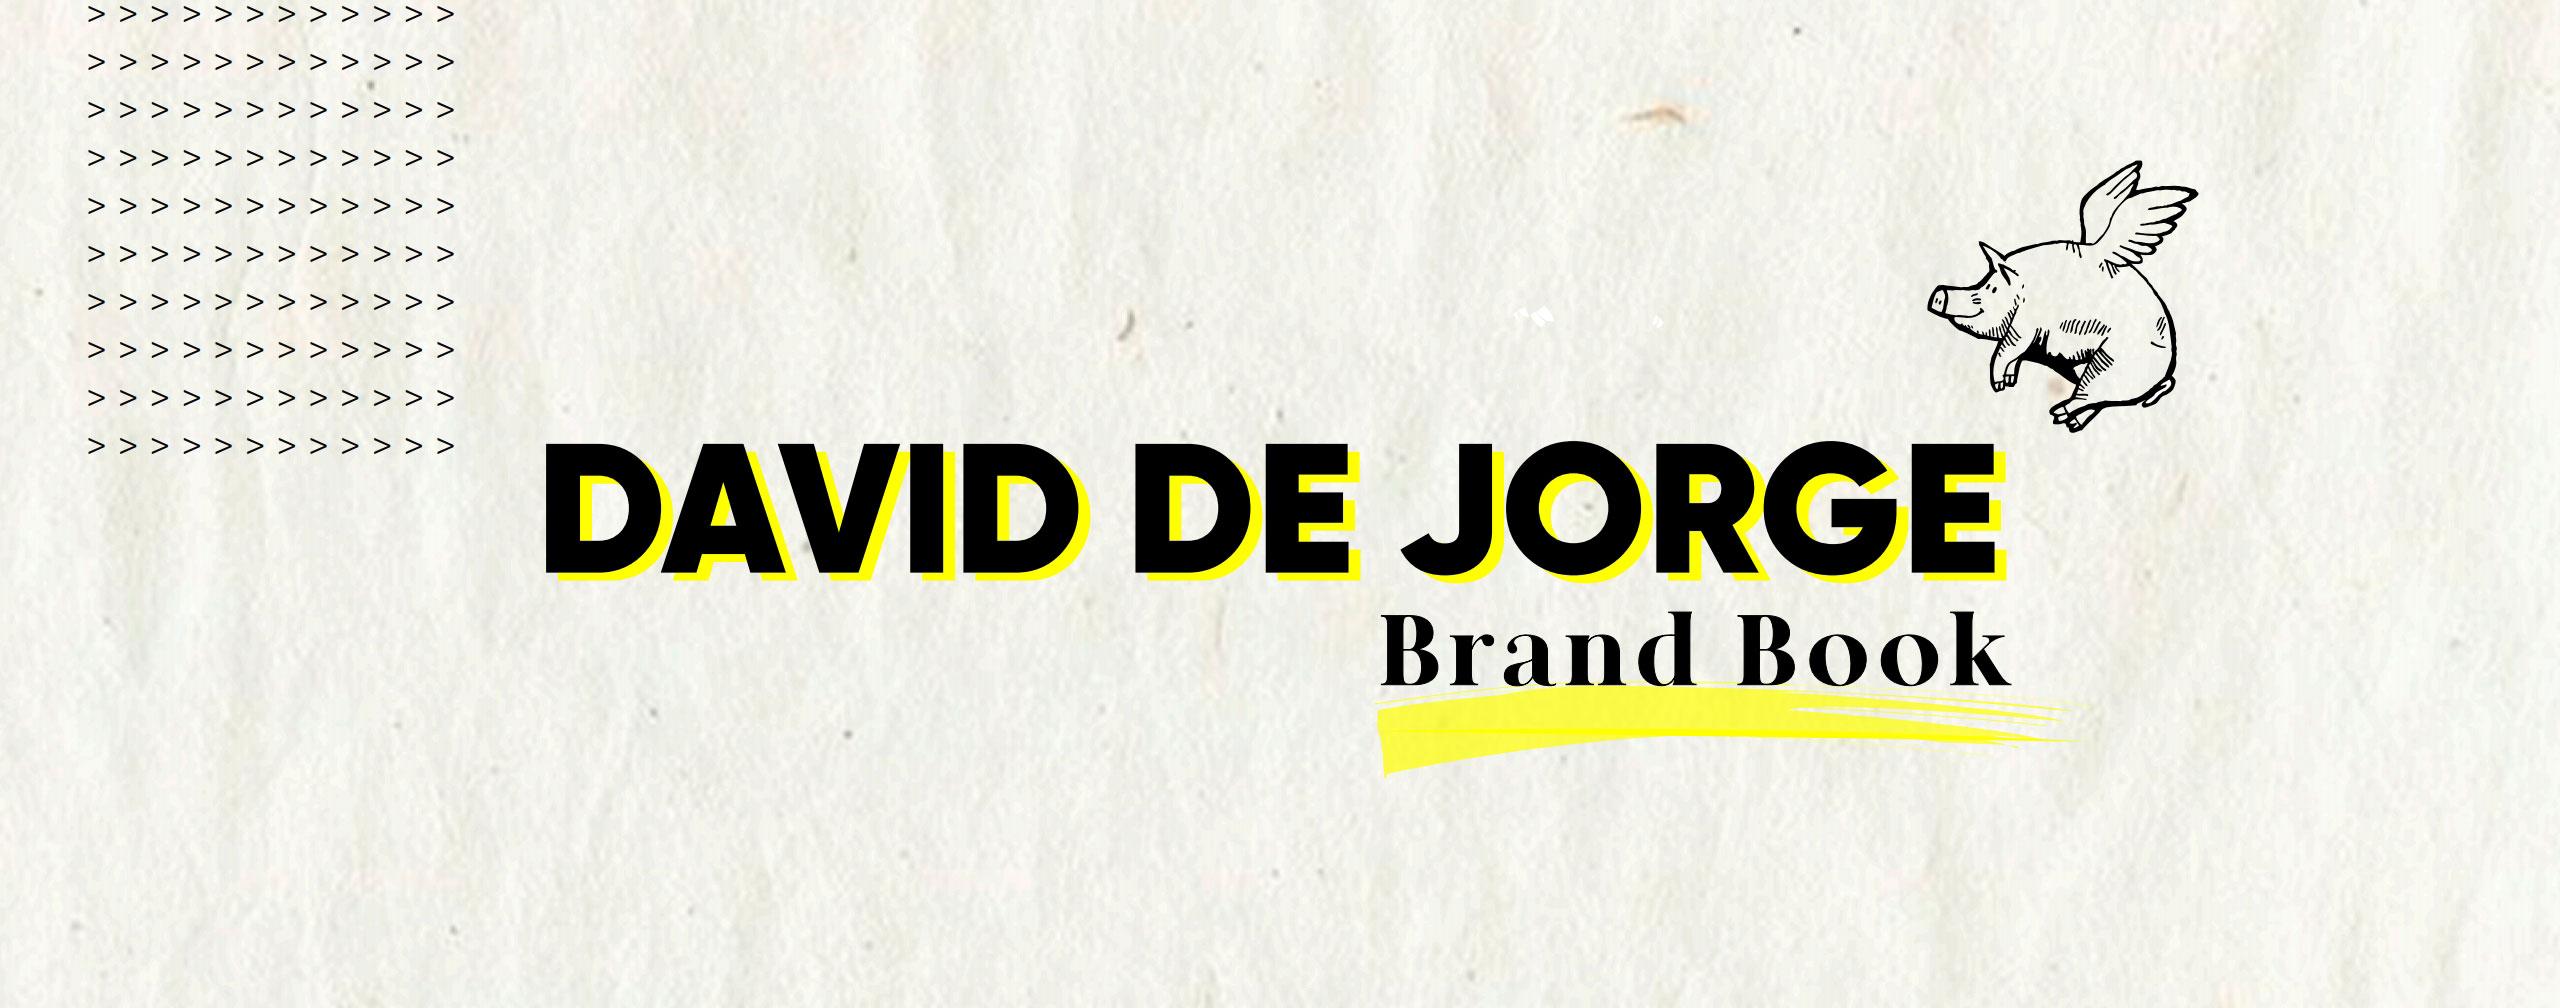 david de jorge - brandbook